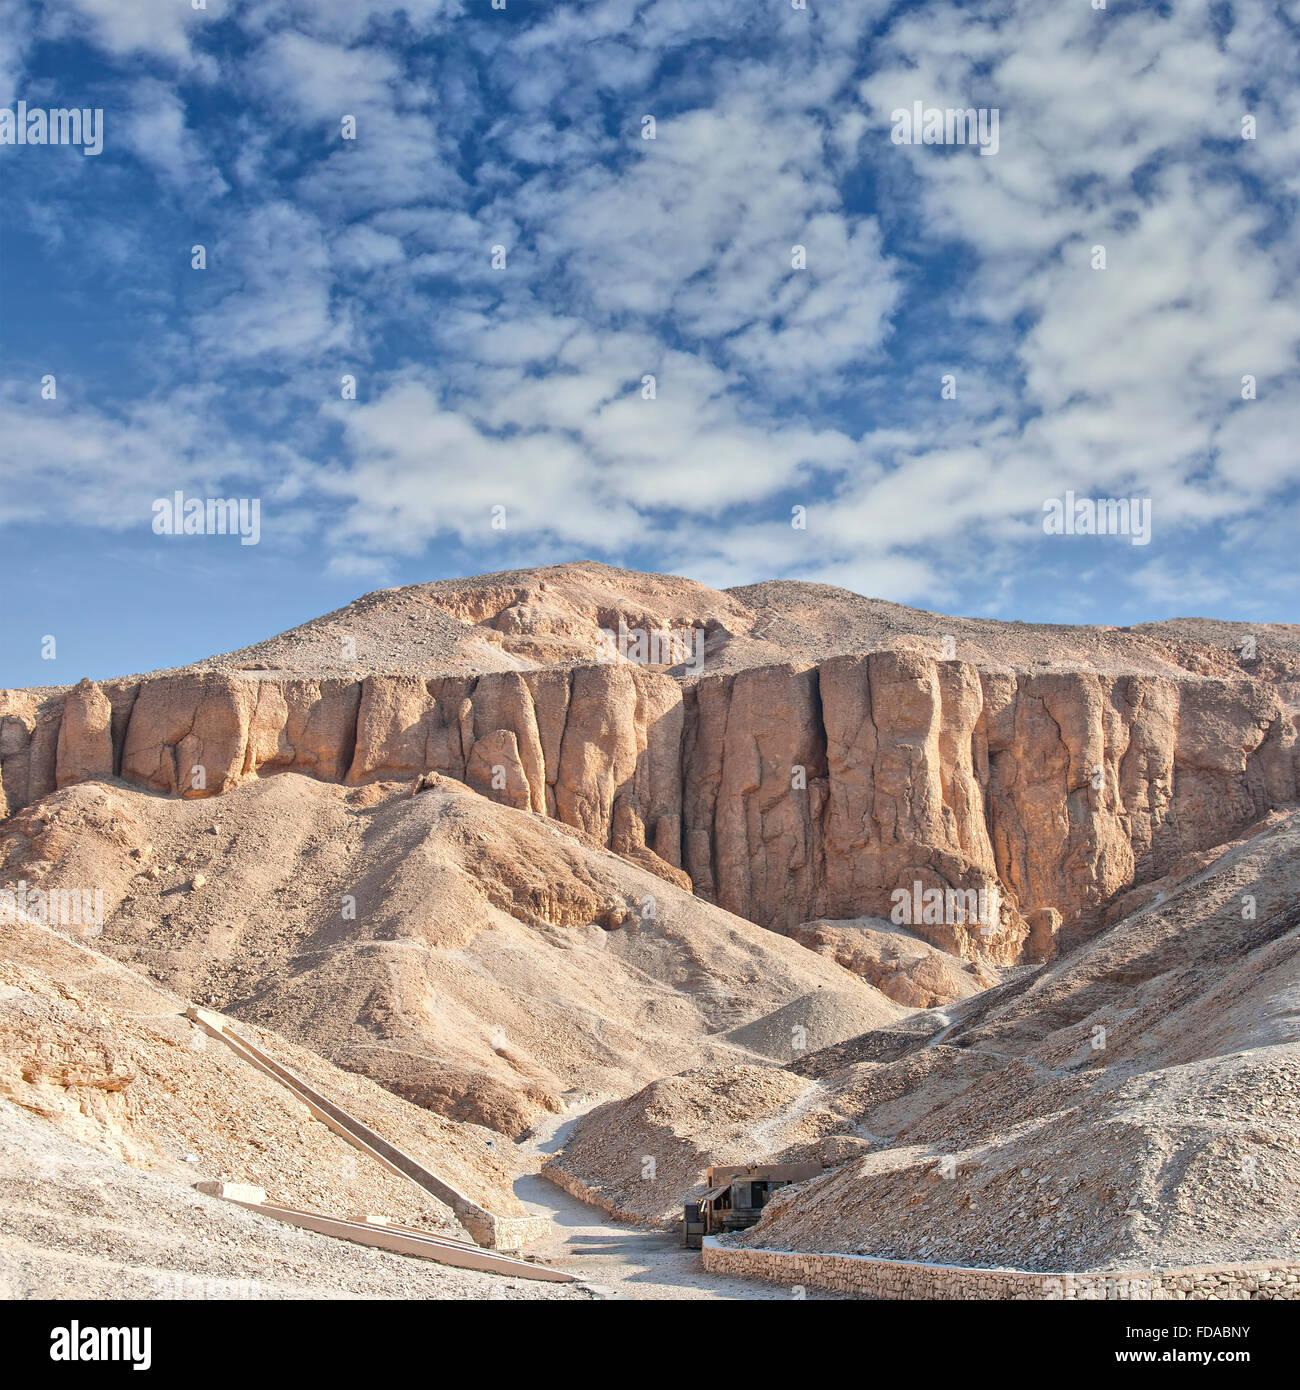 Image de la vallée des rois à Louxor, Égypte. Photo Stock